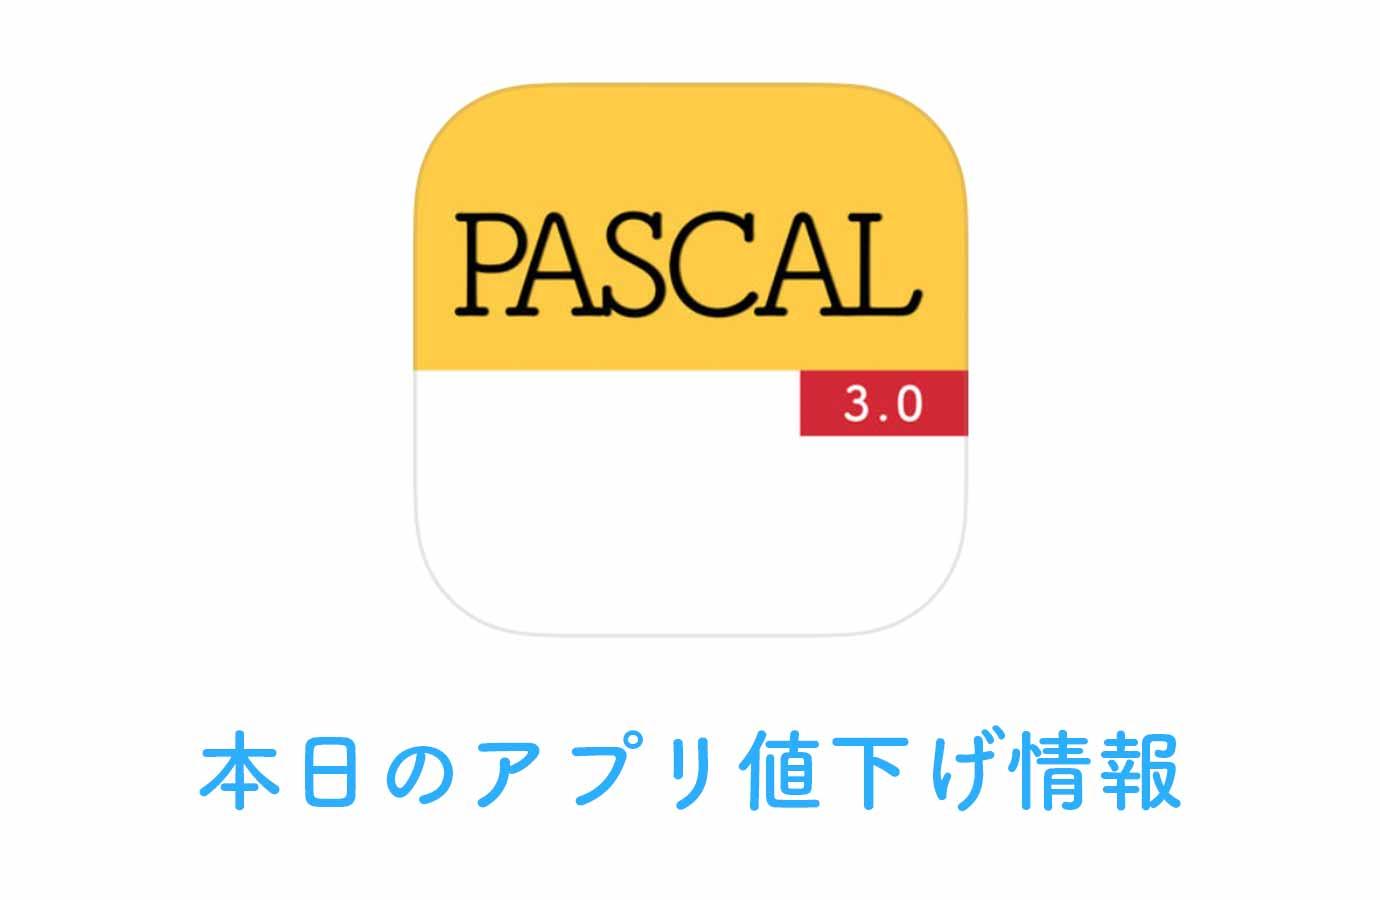 240円→無料!スケジュール帳のように自由に手書きできるカレンダー「PASCAL」など【1/15】アプリ値下げ情報